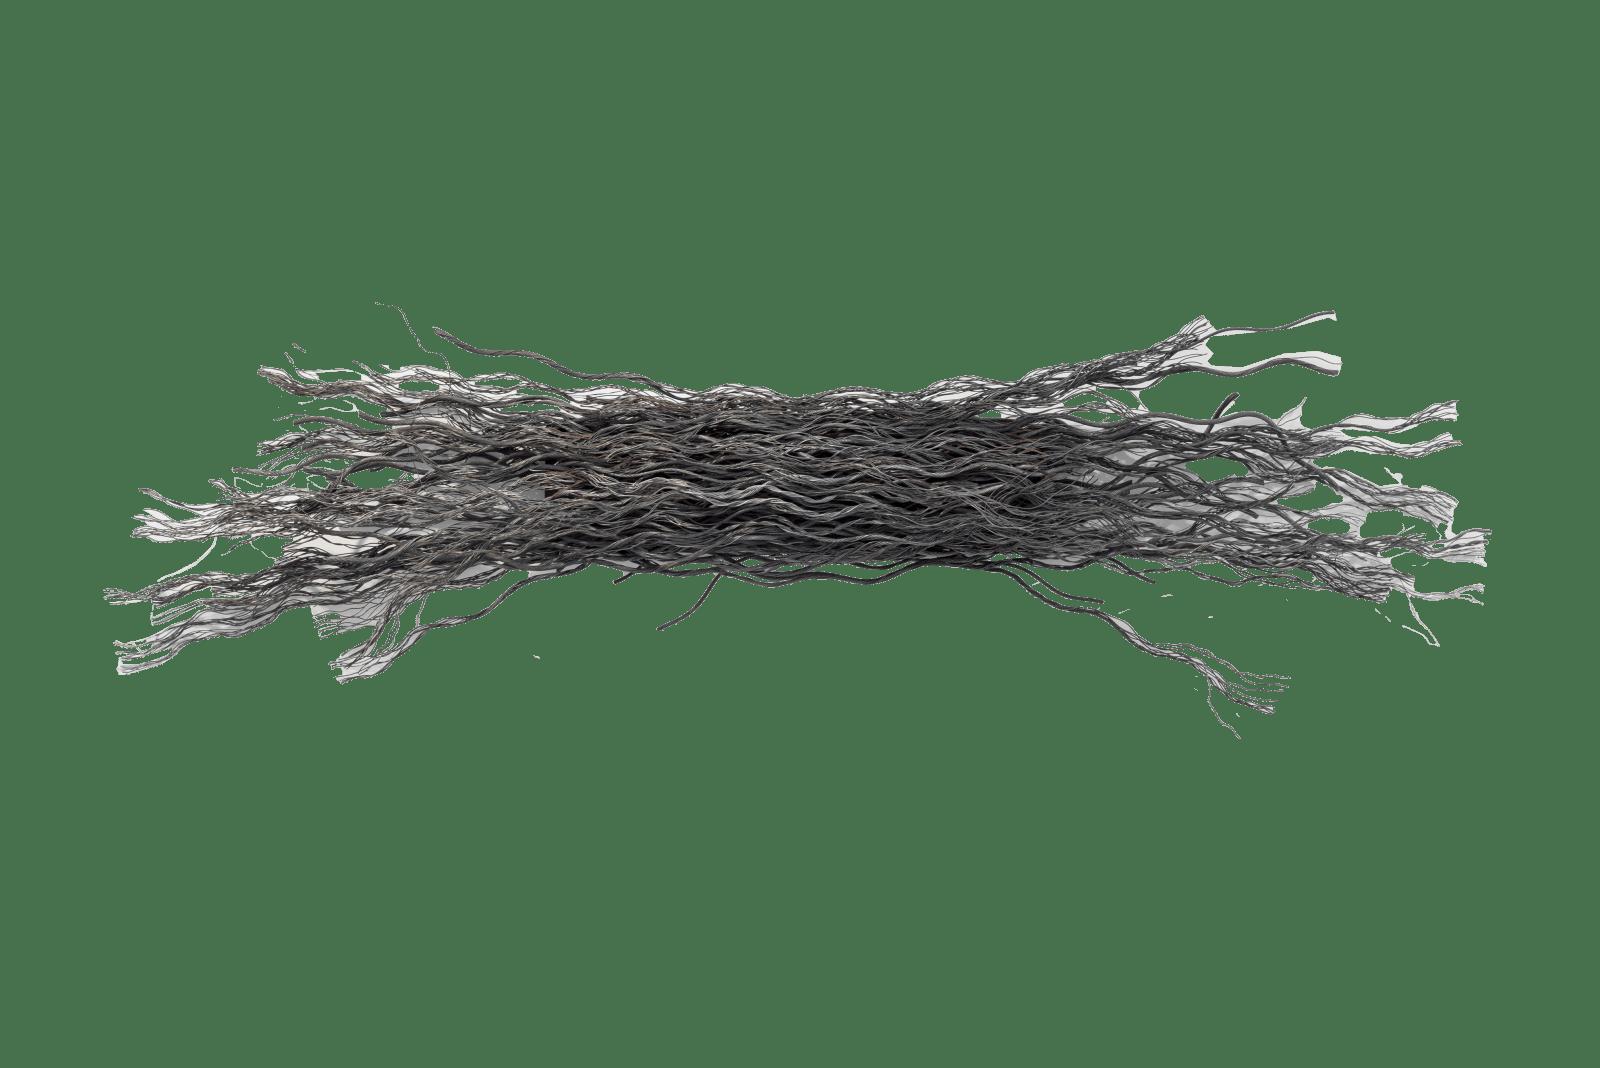 Maren Hassinger Splintering 1981 2019 Adaa